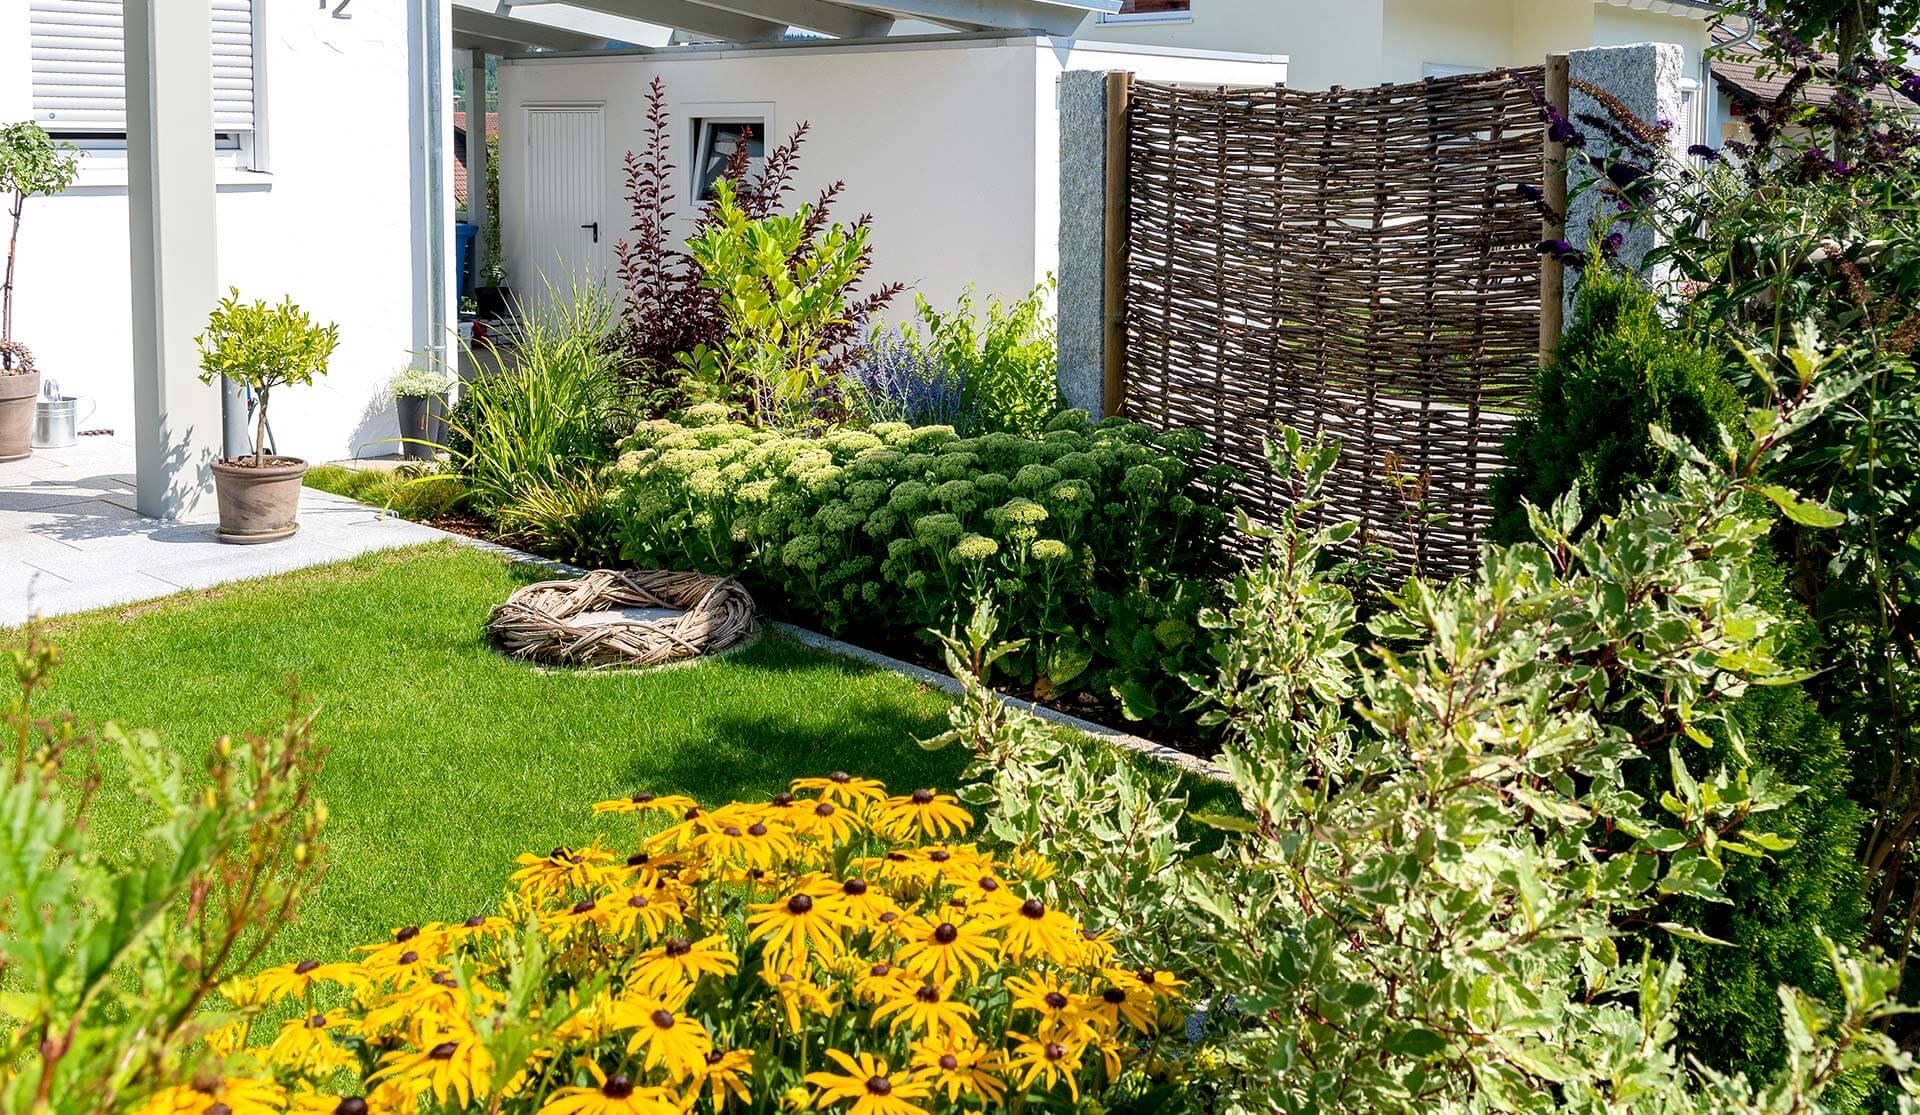 Gartengestaltung für schmale Garten in Villingen-Schwenningen